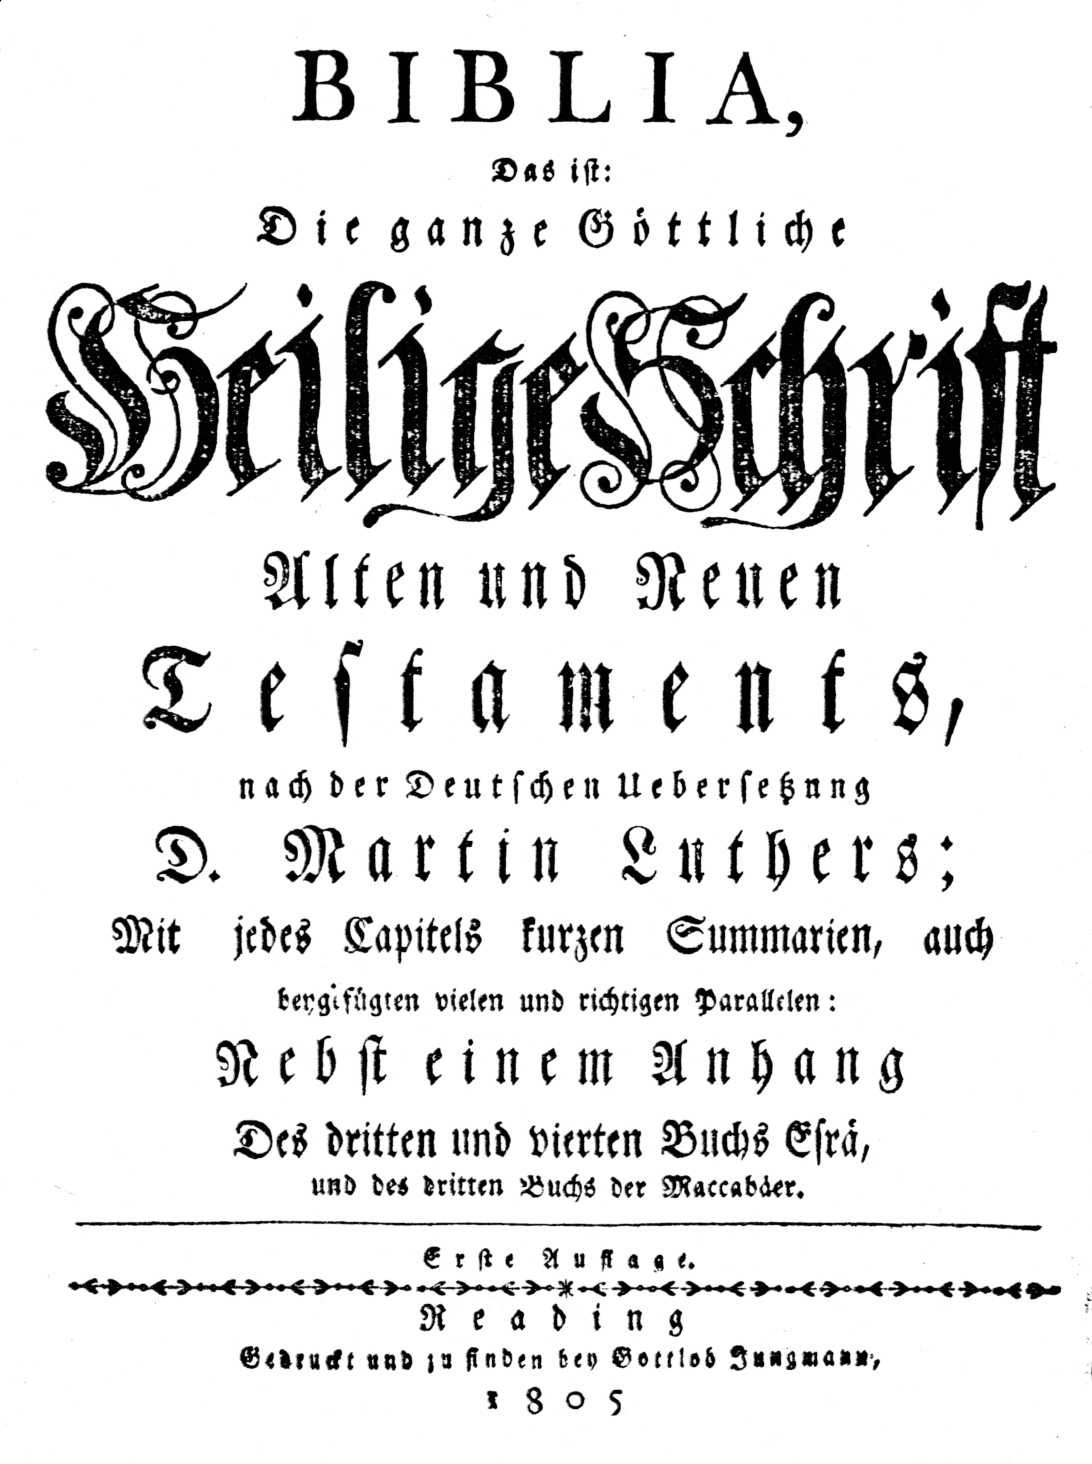 1805 Abraham Mumma Bible